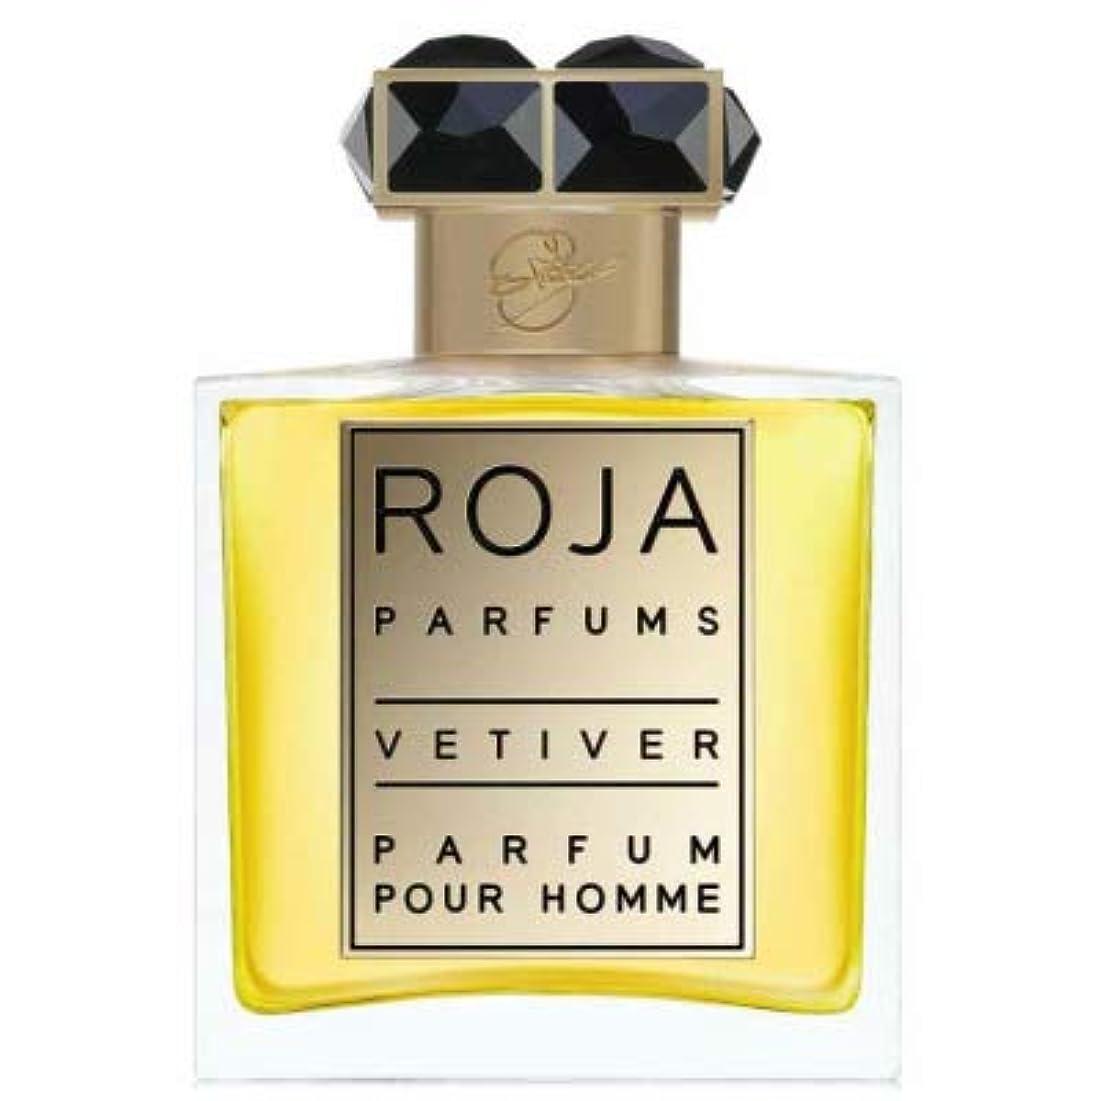 モードリンフロンティアフラッシュのように素早くロジャ ベチバー パルファン プール オム 50ml(Roja Parfums Vetiver Pour Homme EDP 50ml) [並行輸入品]